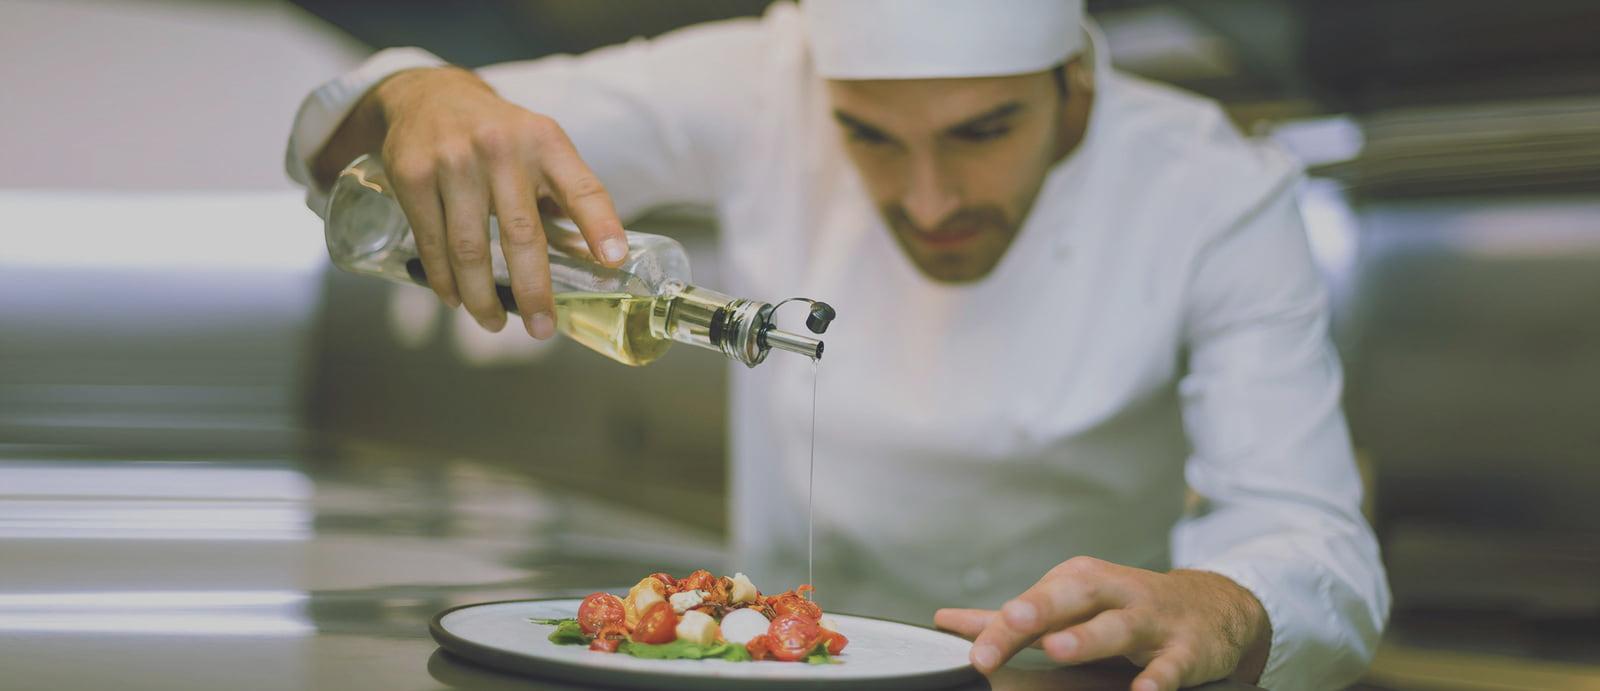 trabajadores catering